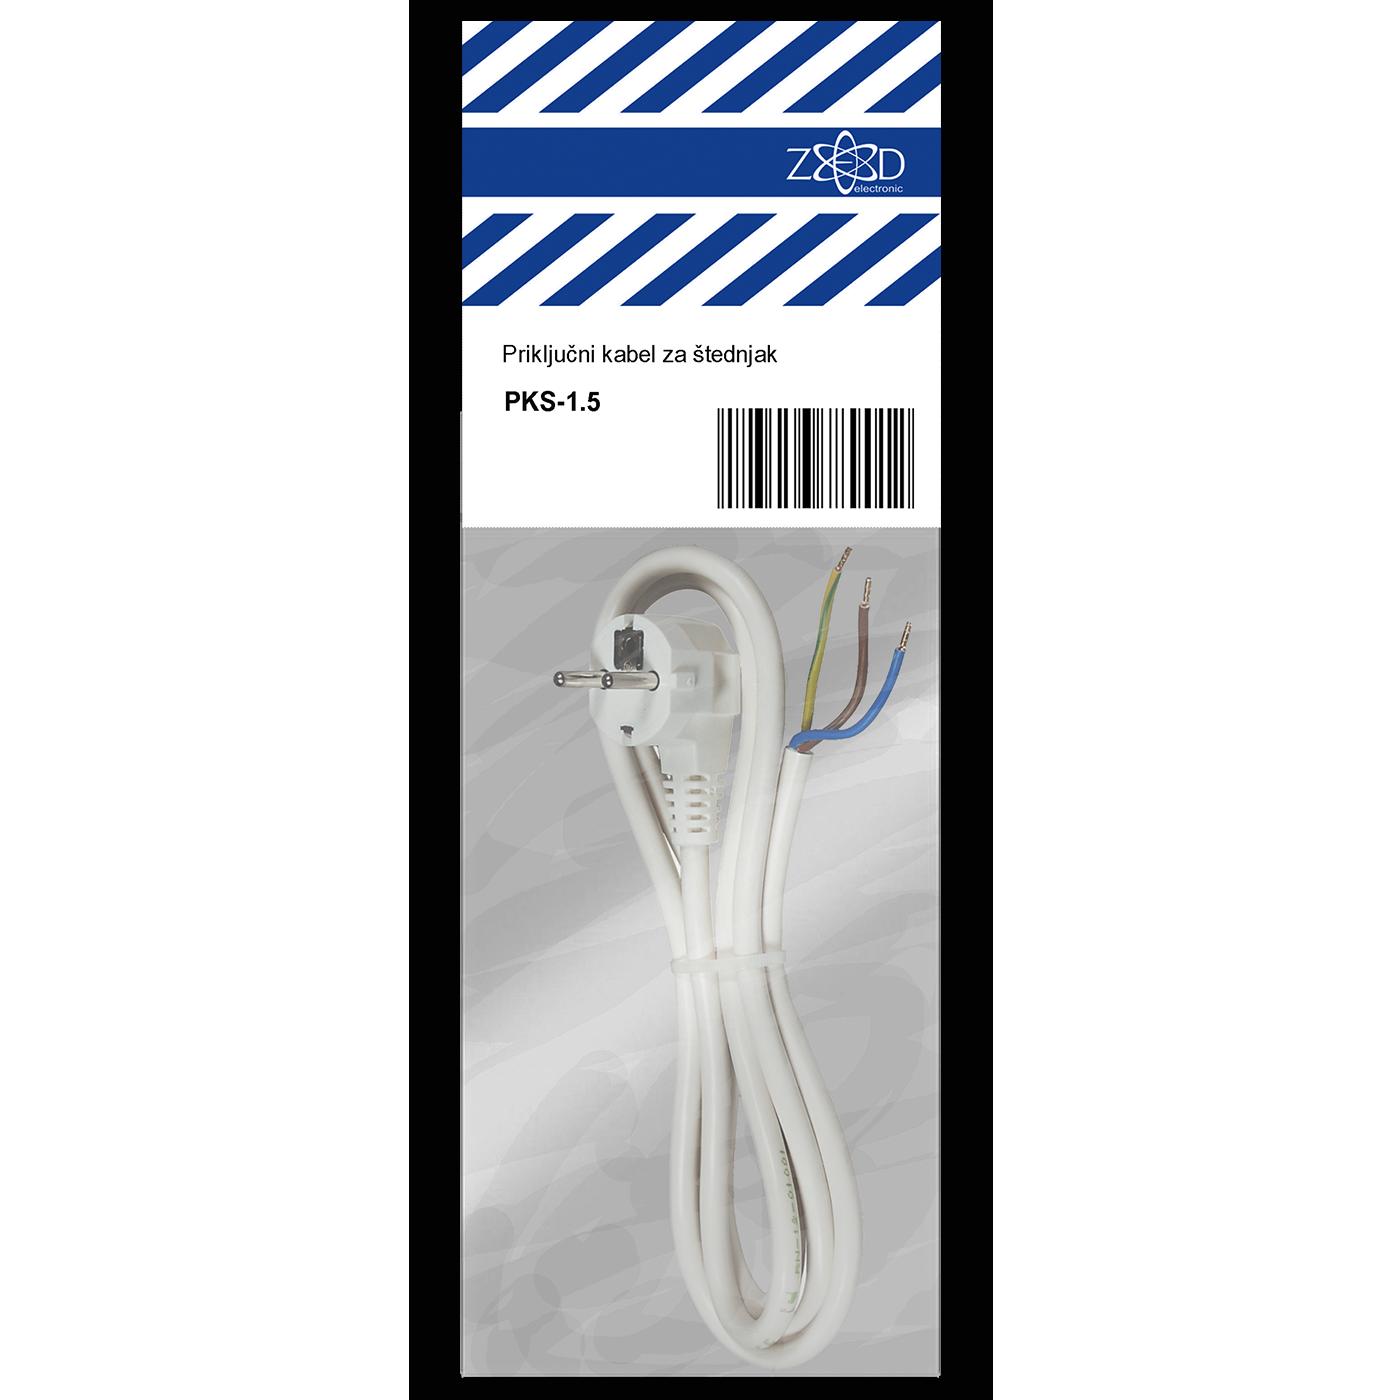 Priključni kabl za štednjak 1,5 metar